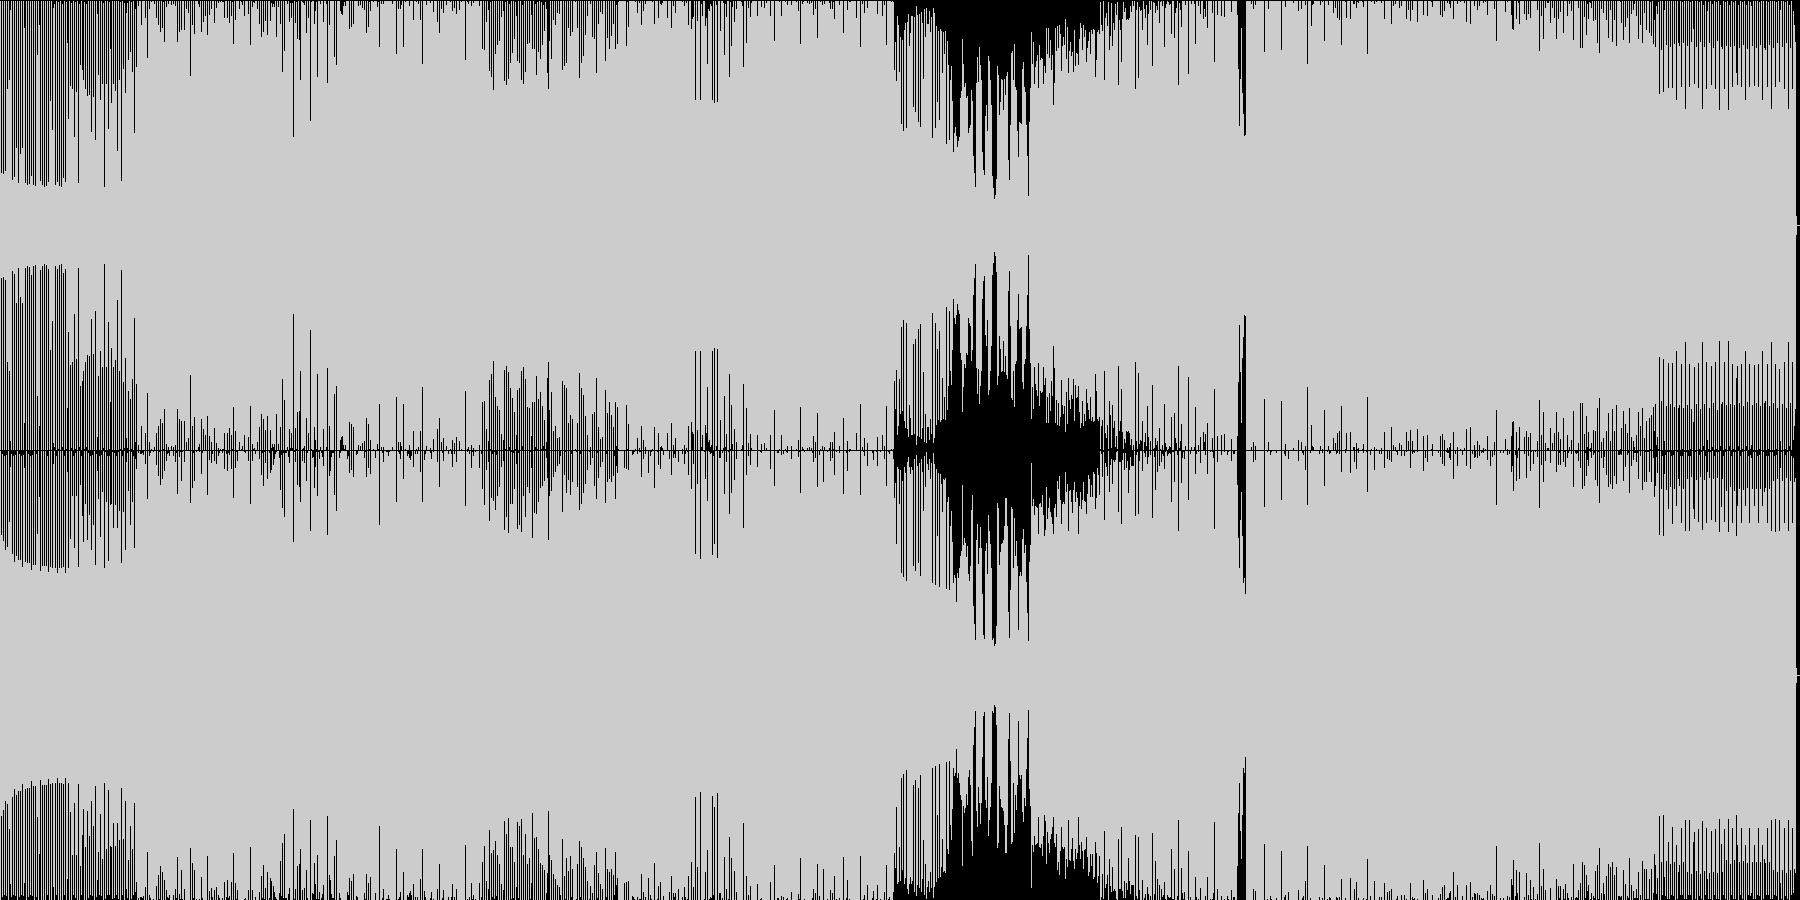 ディープ・ハウス。美しいメロディー...の未再生の波形